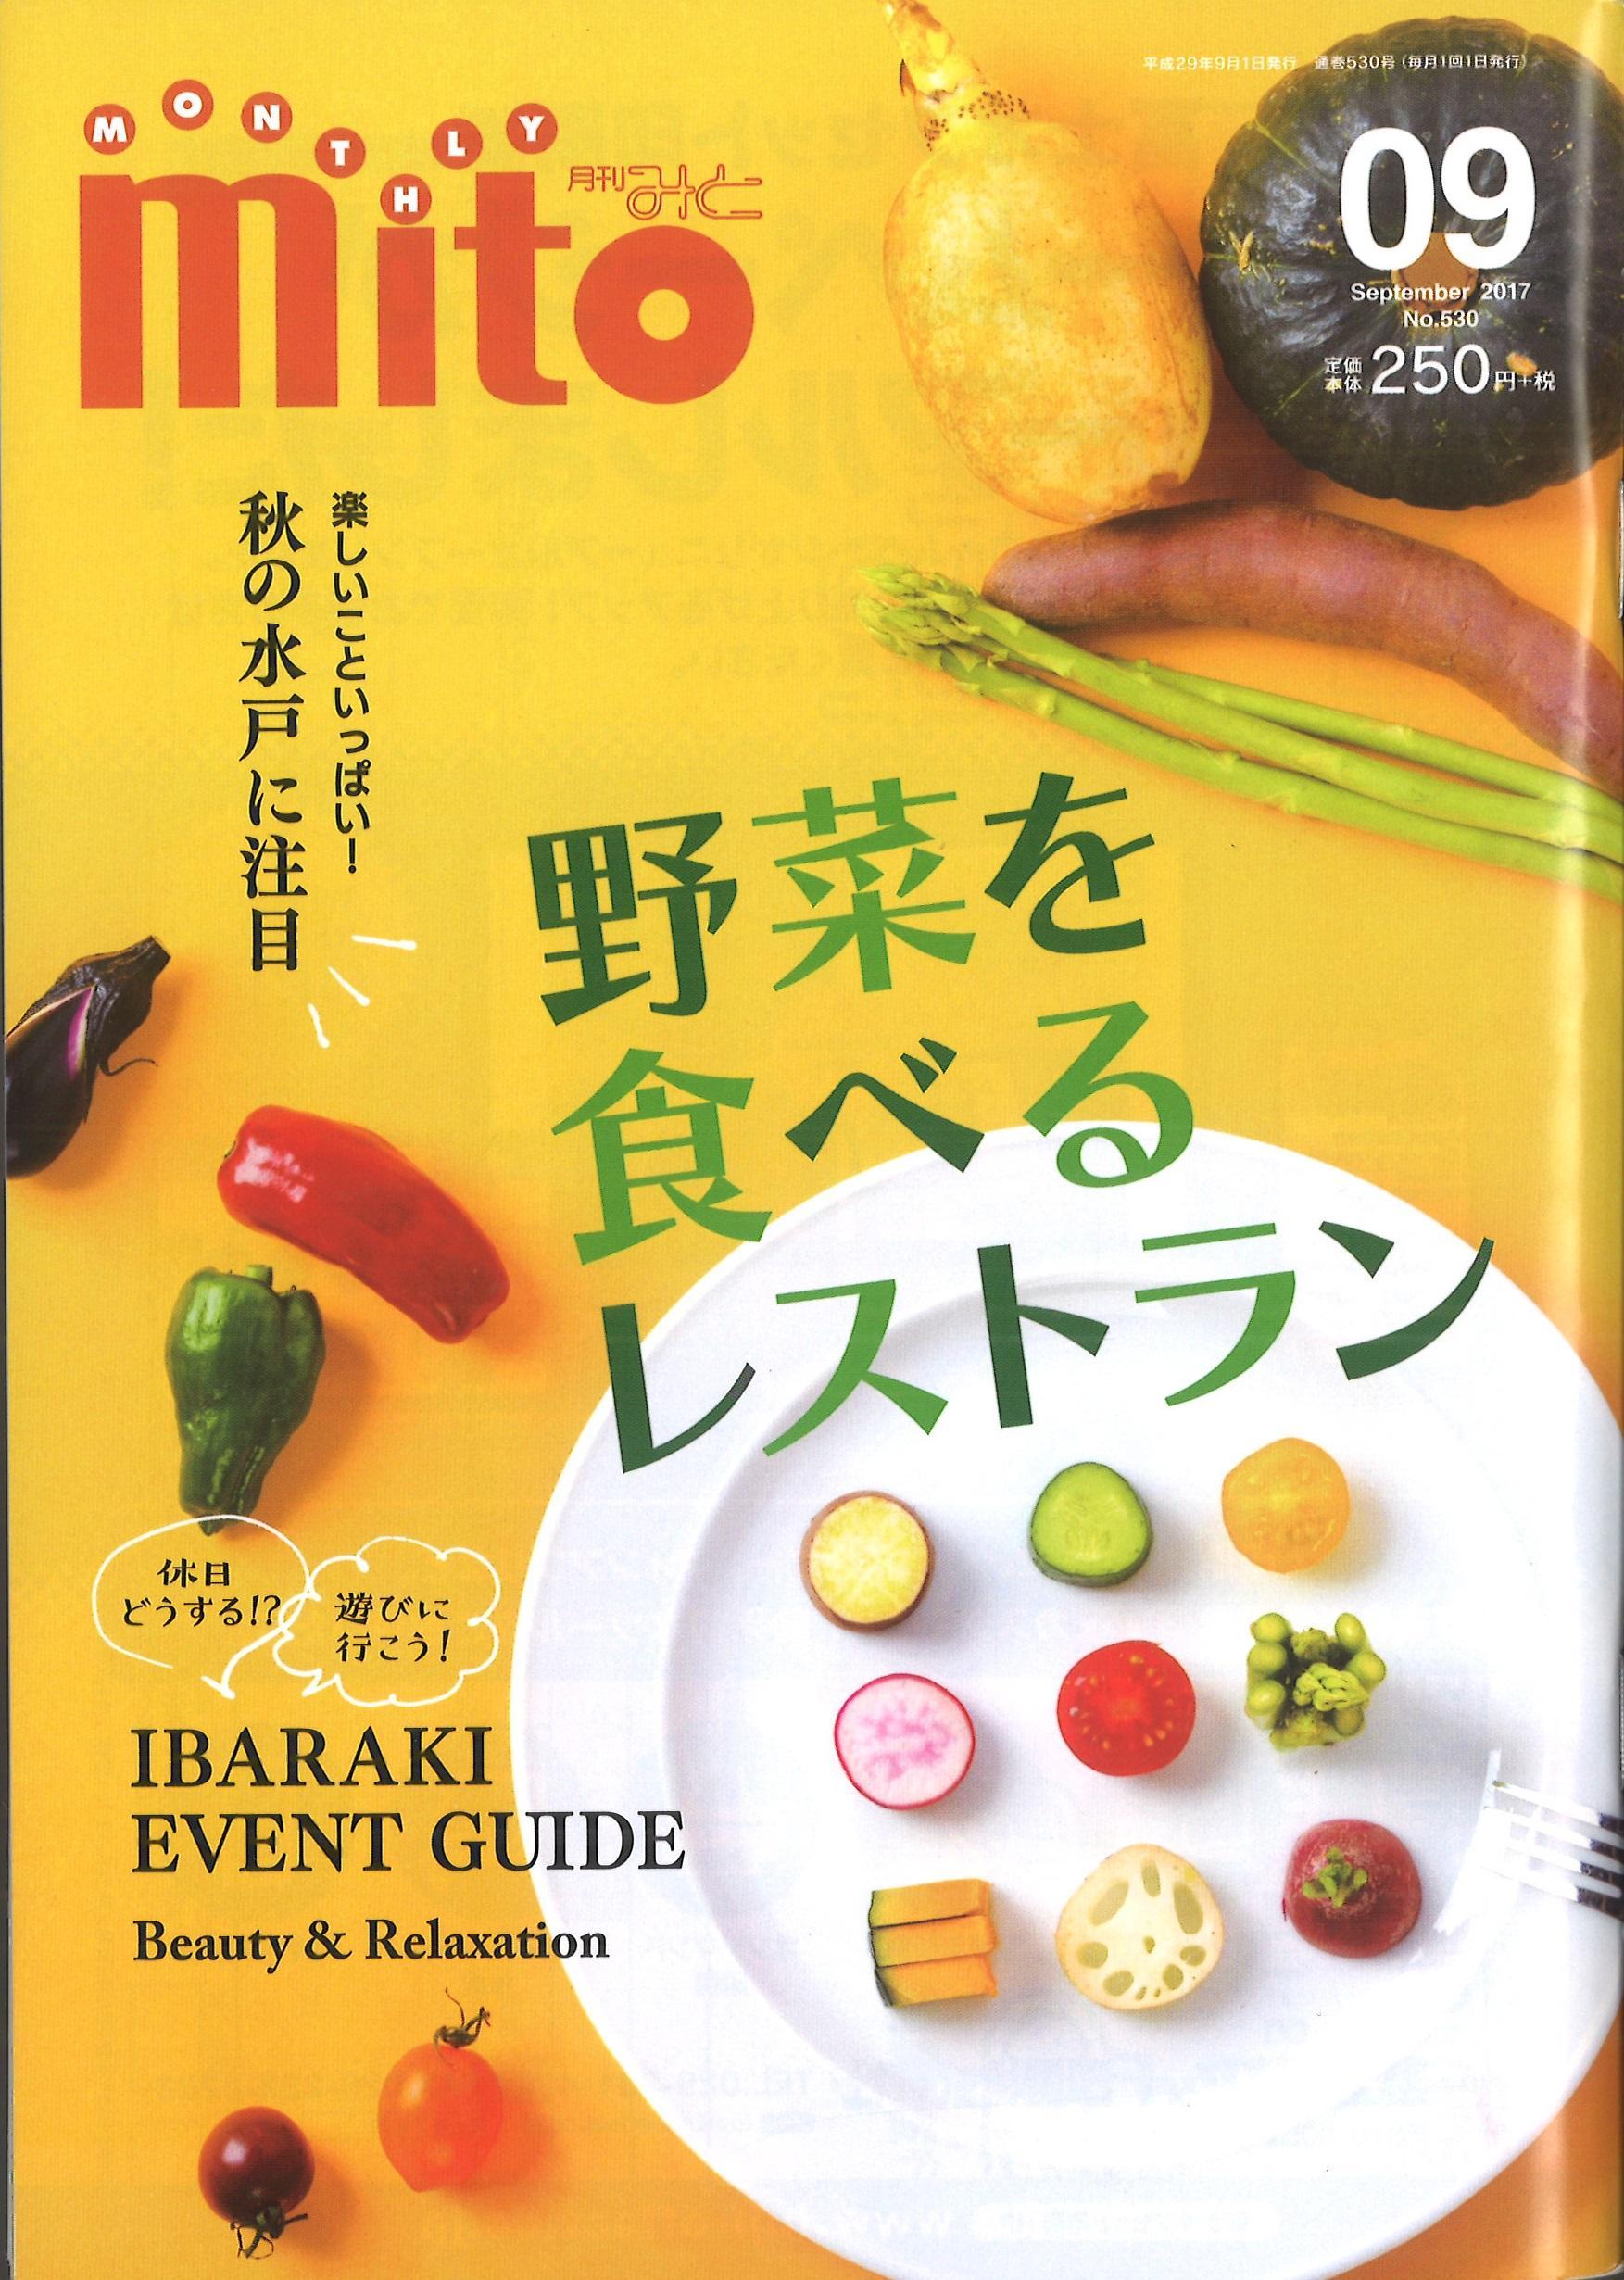 月刊みと9月号に掲載されました。